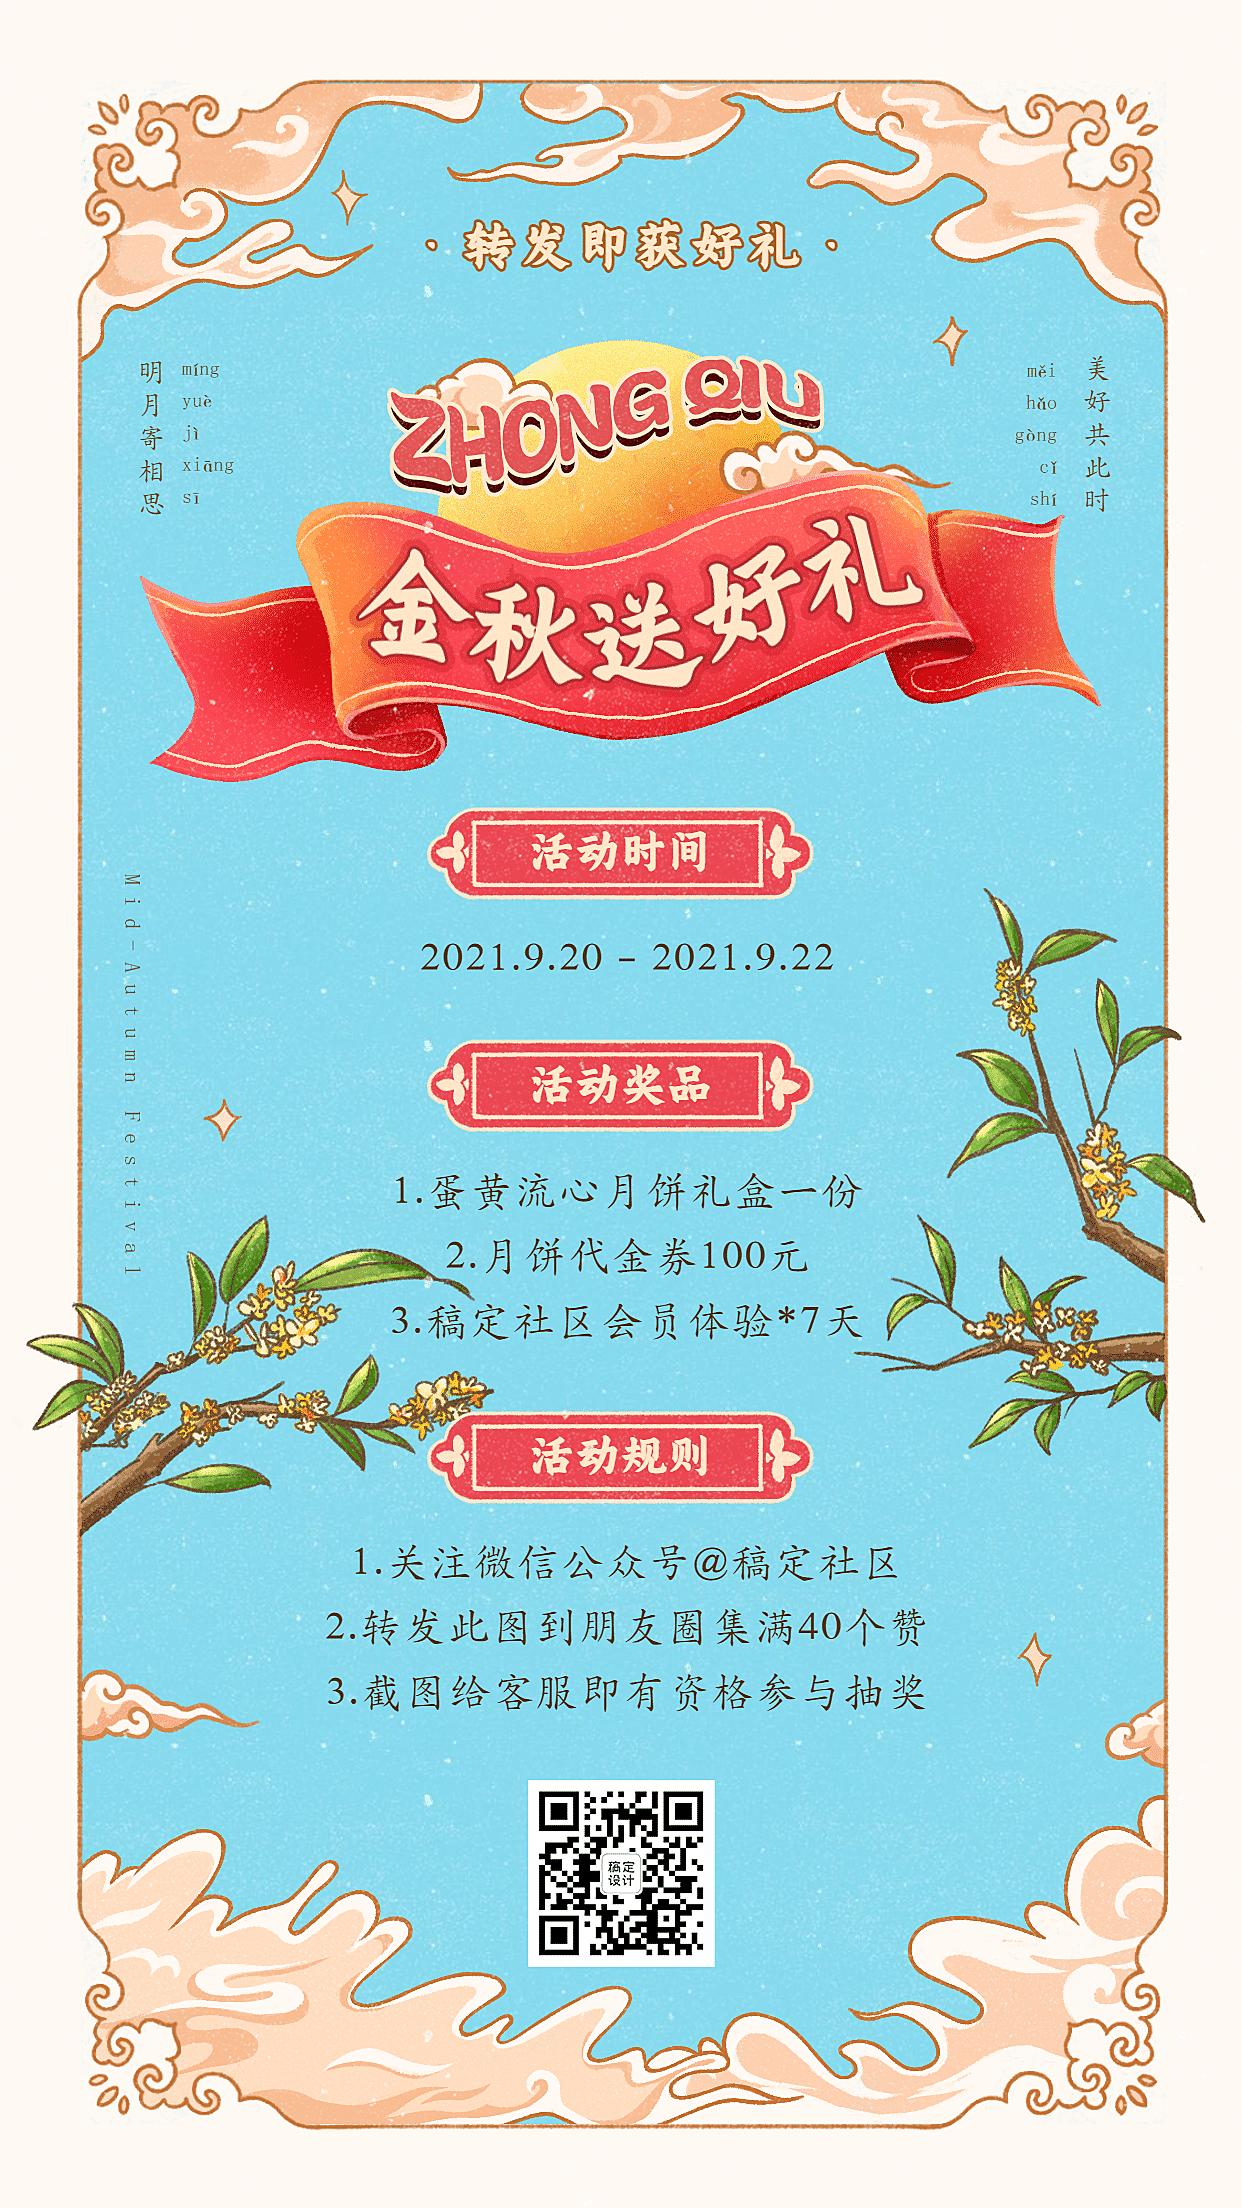 中秋节手绘活动营销促销手机海报